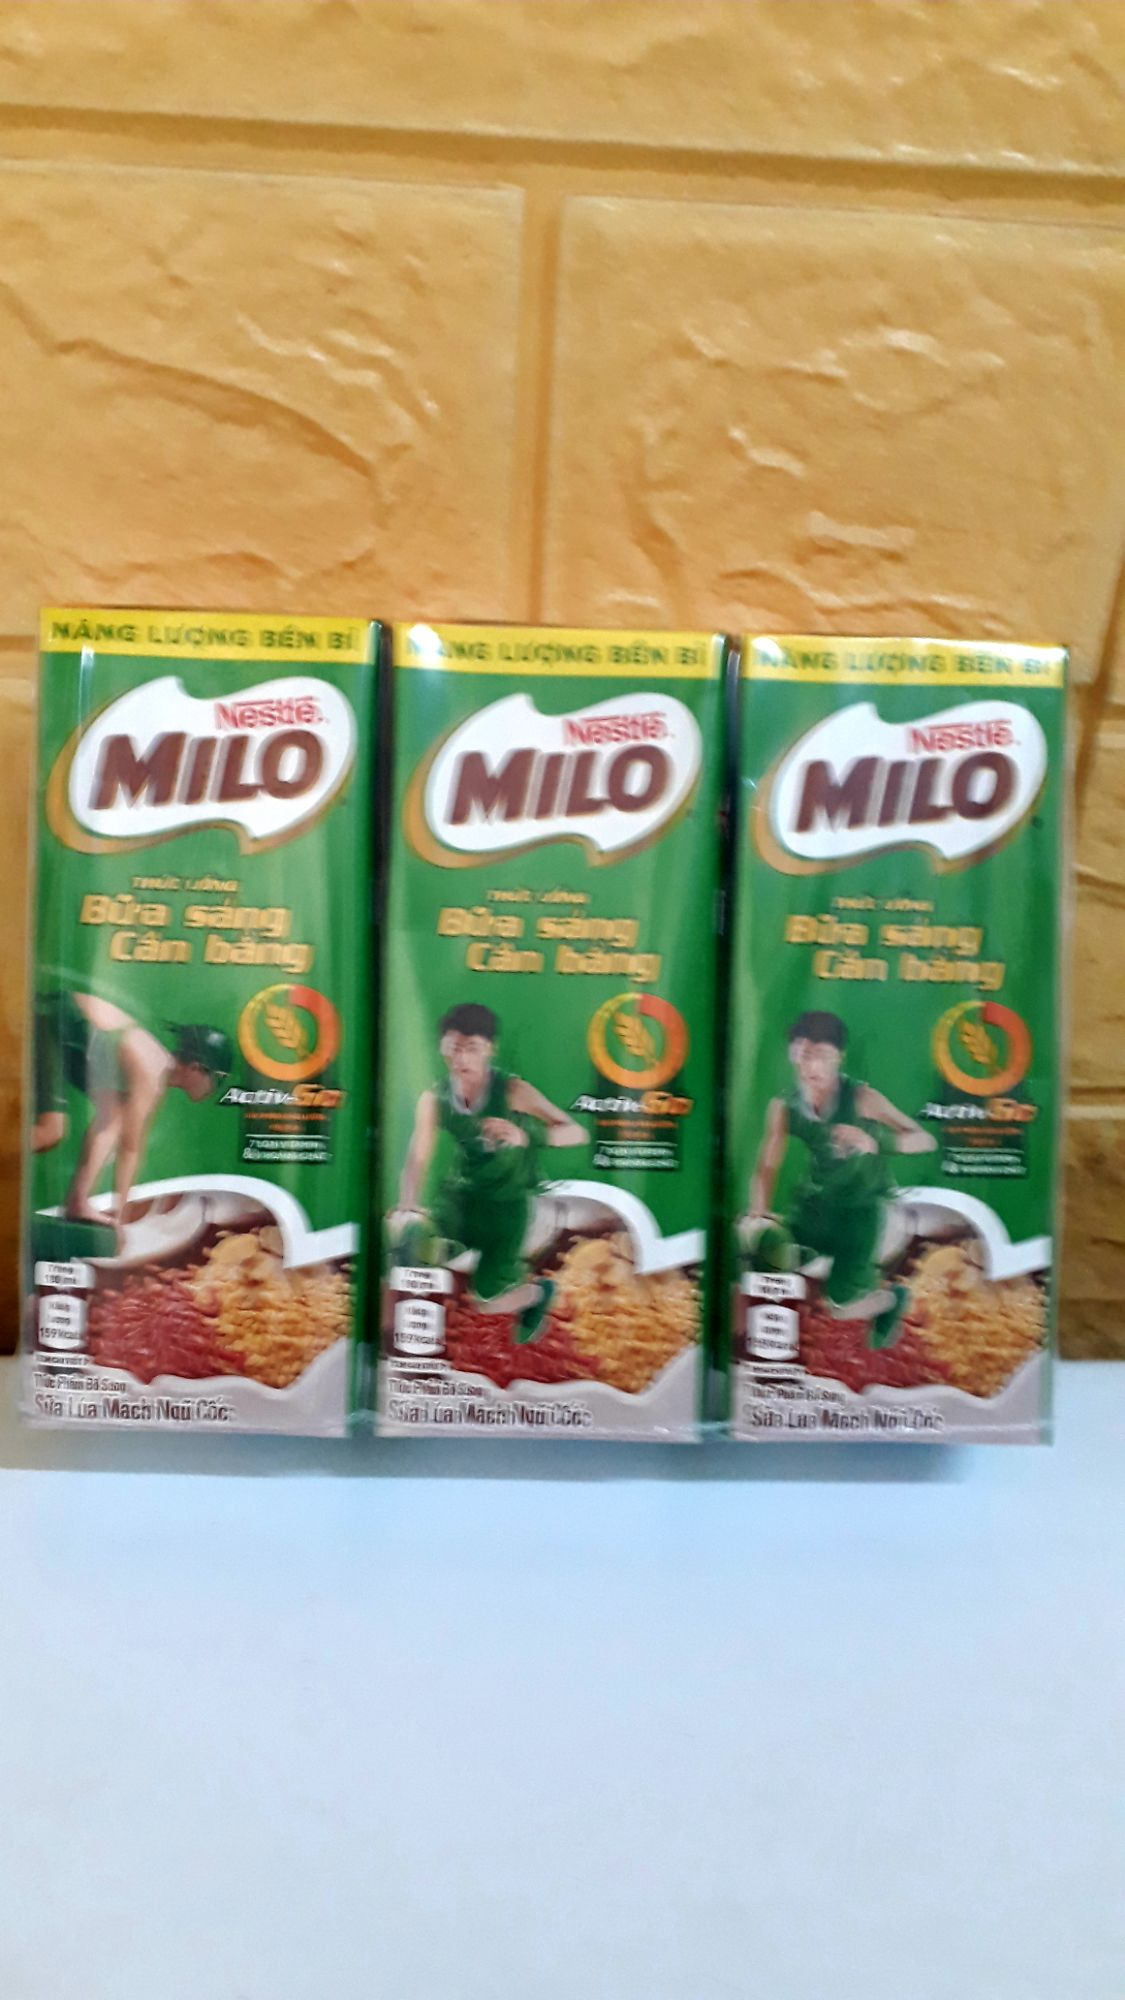 Sữa Milo Lúa mạch ngũ cốc lốc 3 hộp 180 ml ( 5 lốc=15 hộp)